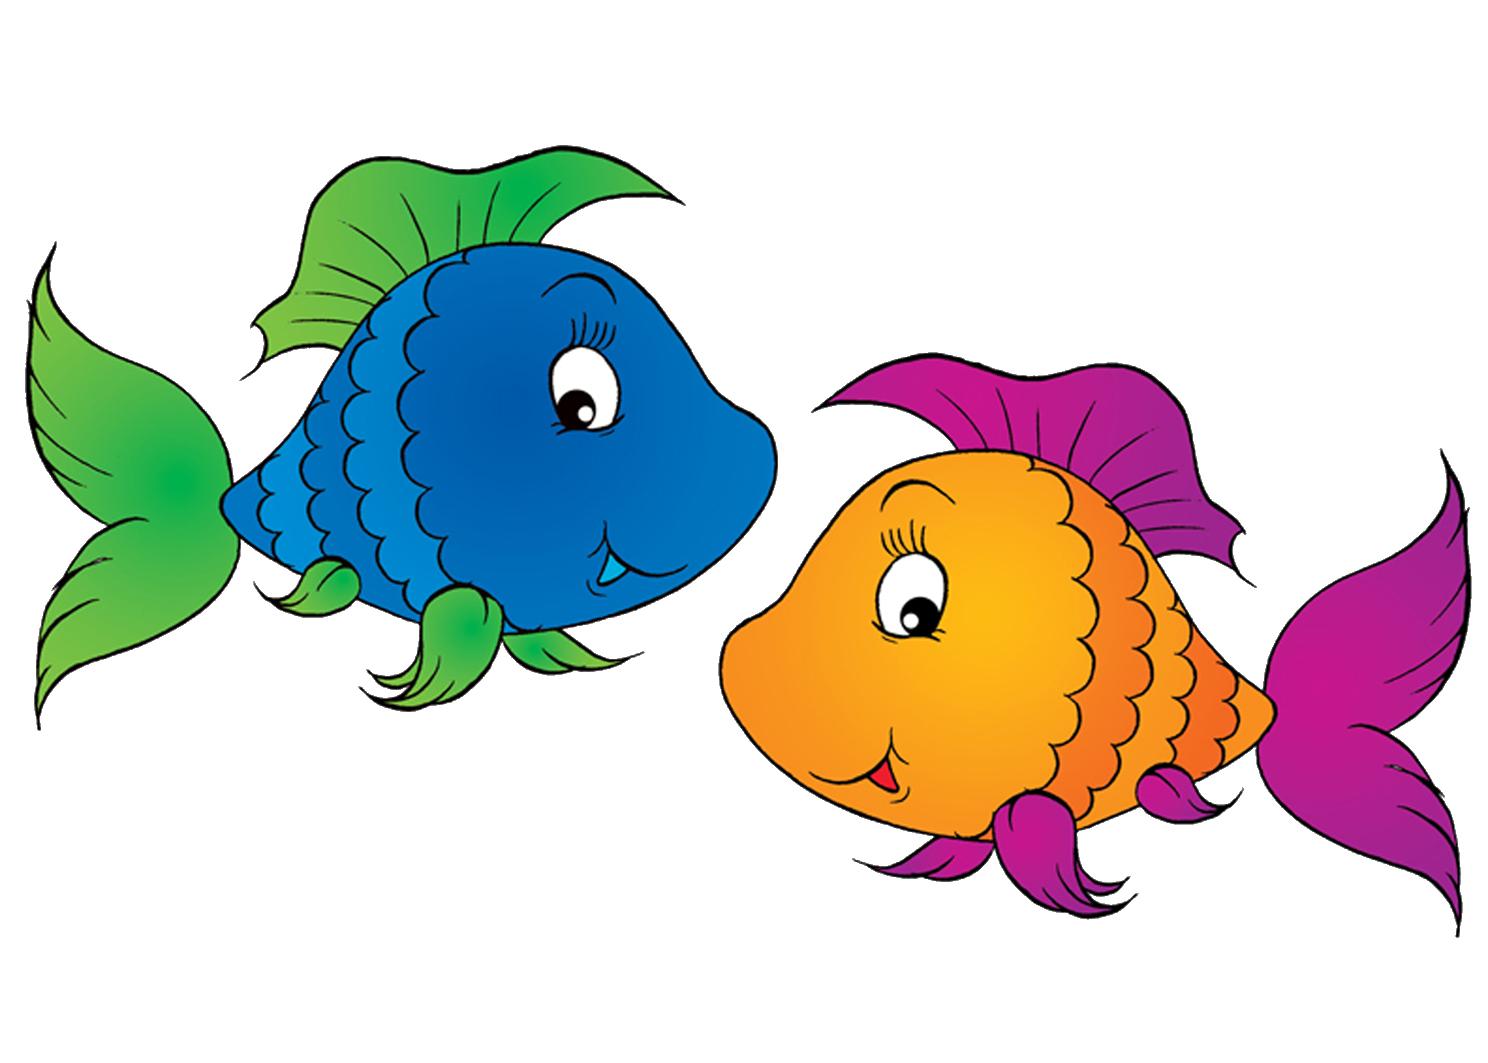 Картинки для рыбки, контакте смешные картинками